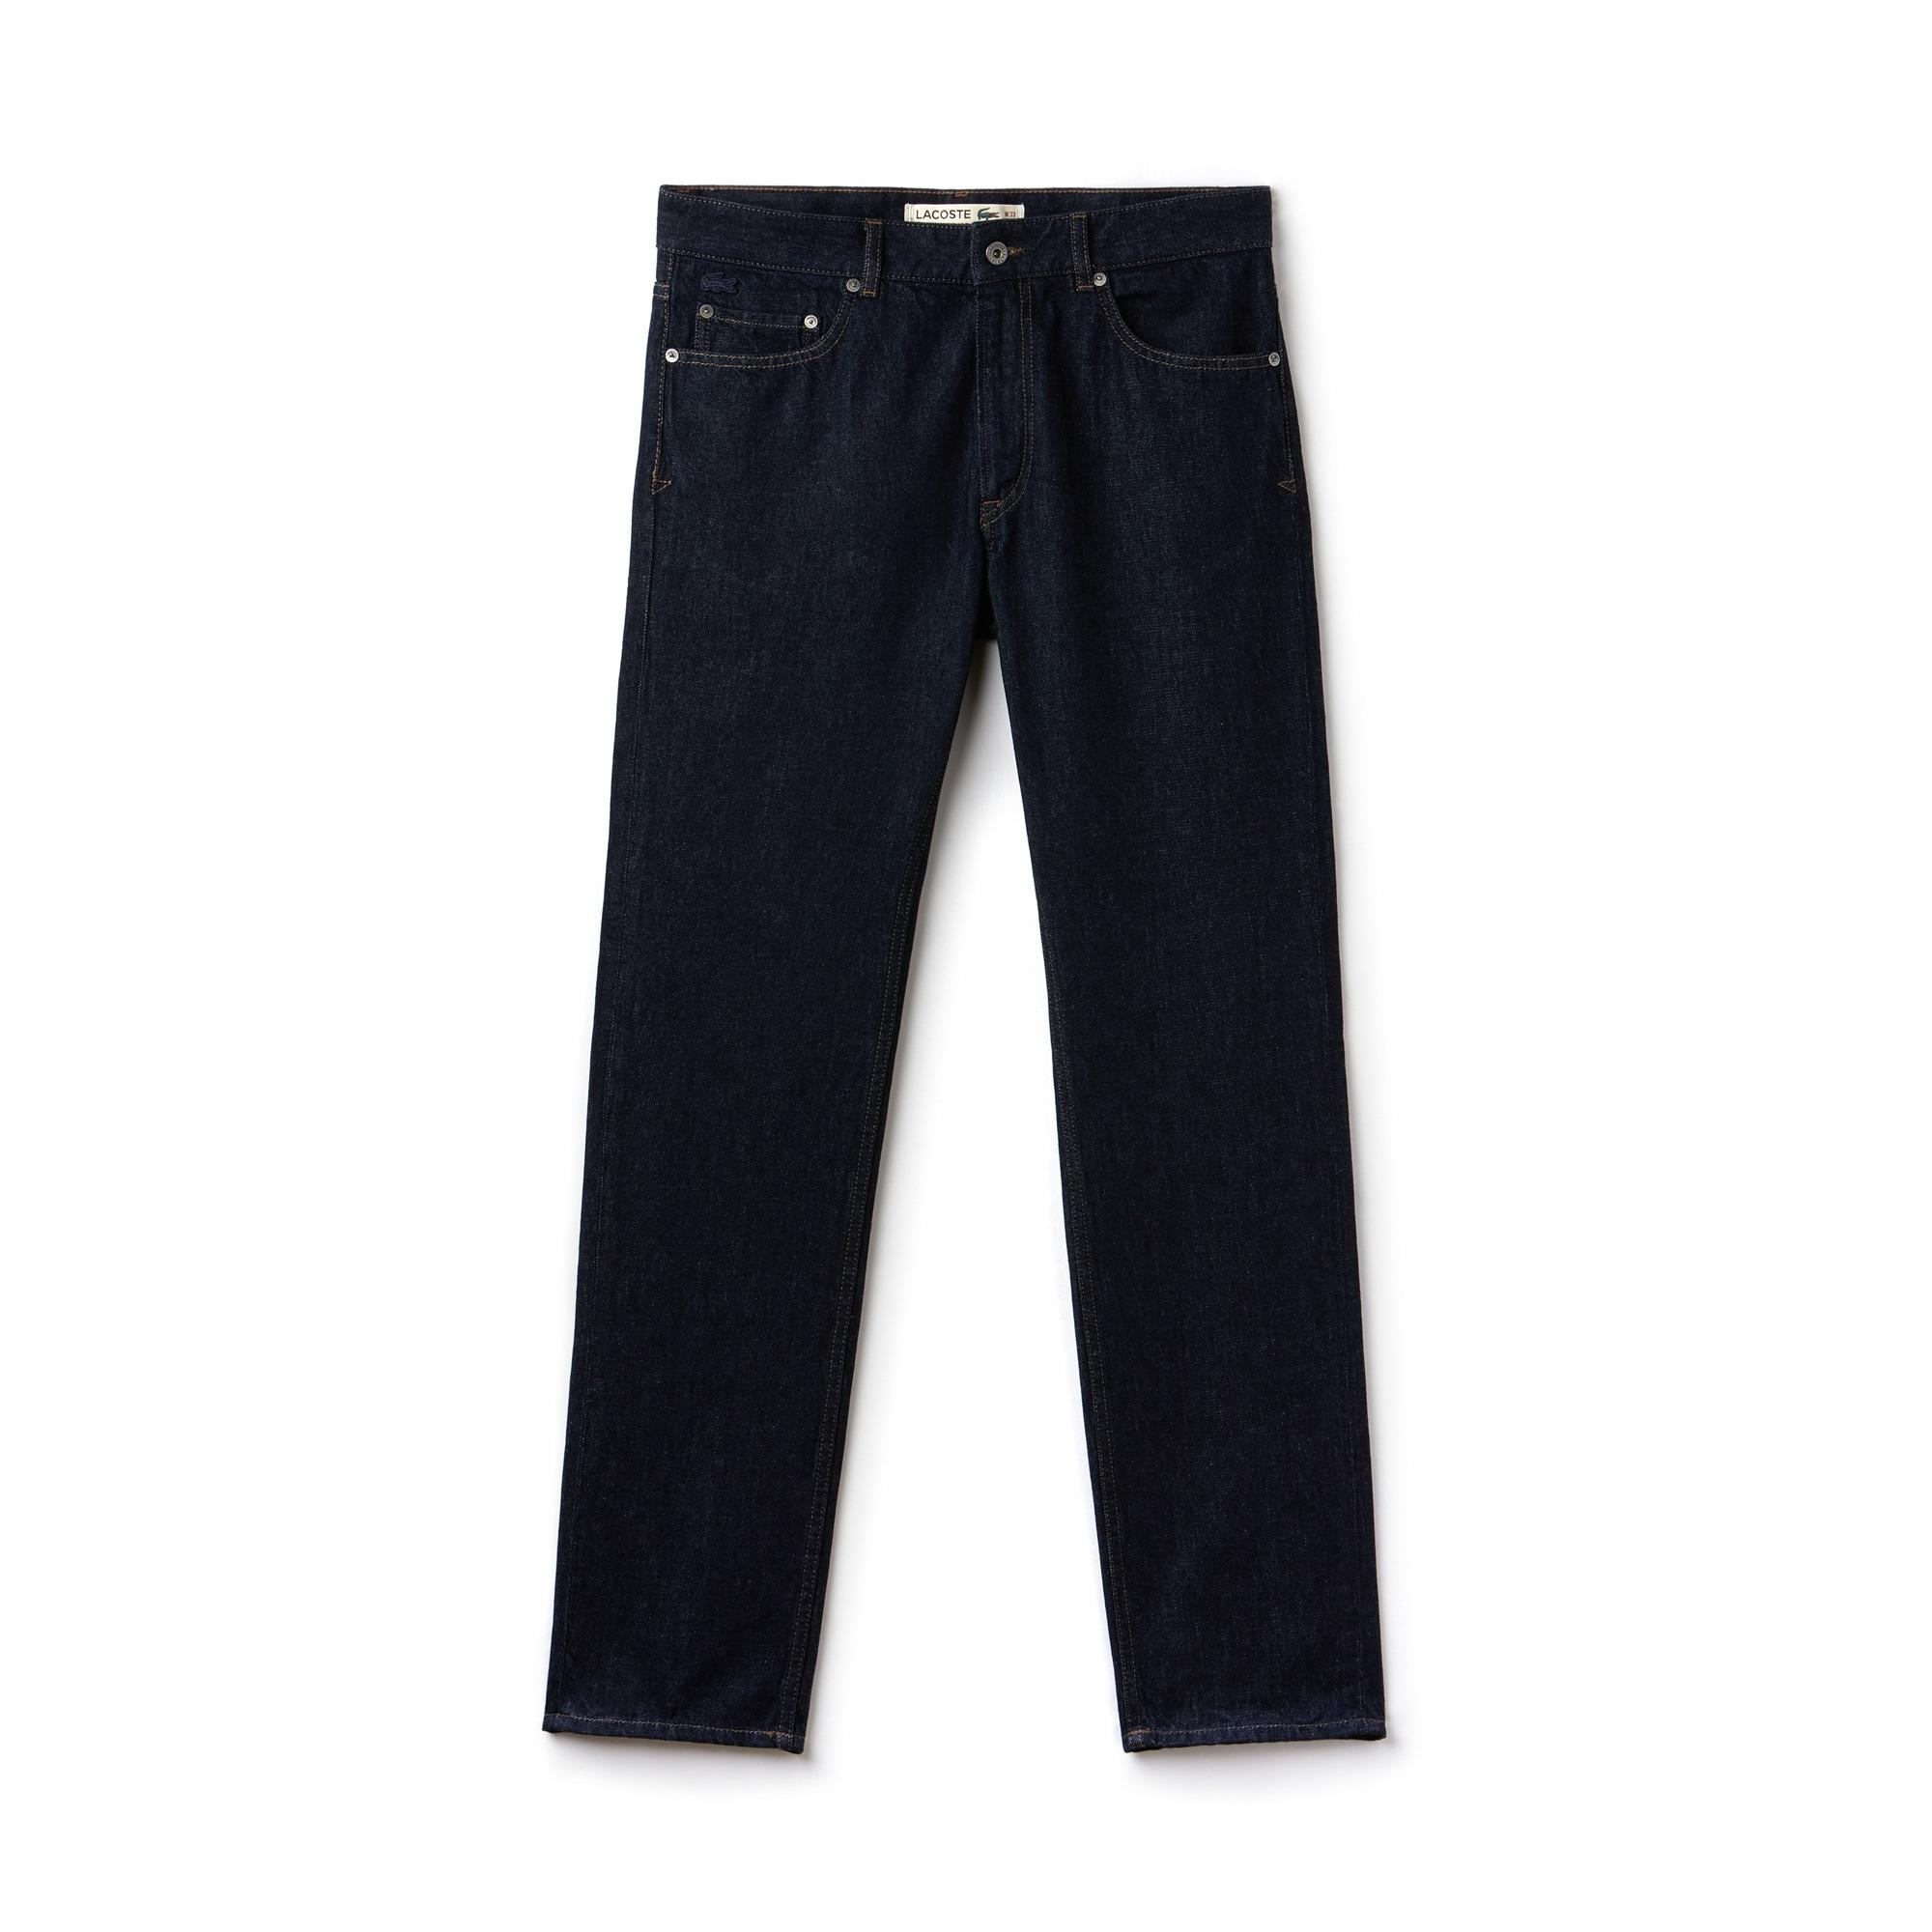 Men's Regular Fit 5 Pocket Cotton Denim Jeans